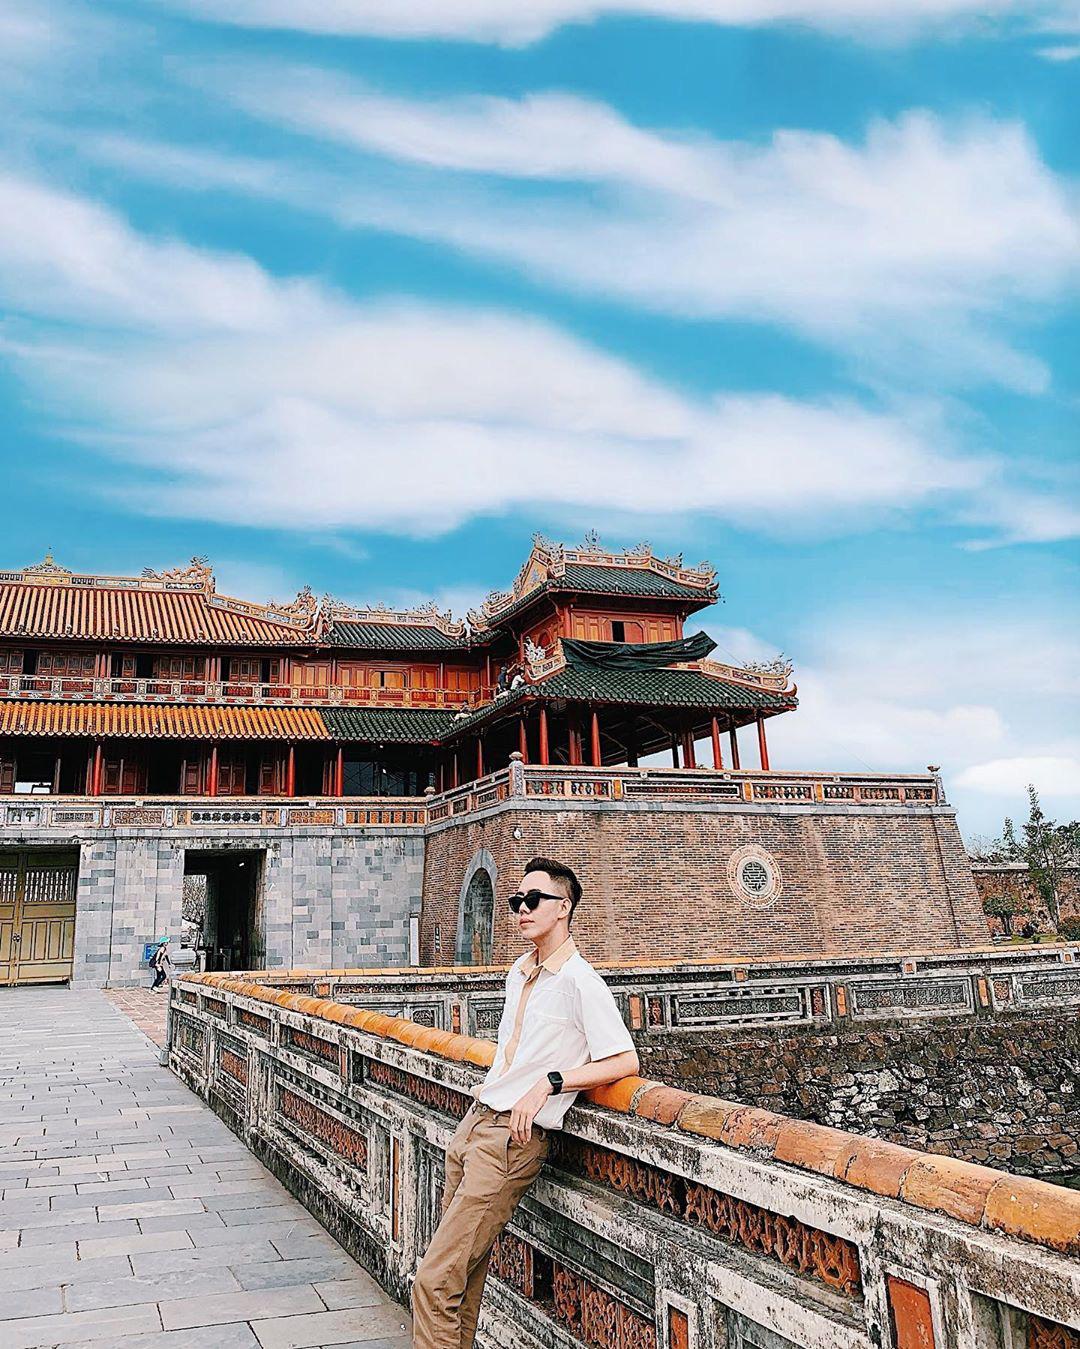 So sánh tour du lịch Tết Hà Nội - Đà Nẵng 4 ngày 3 đêm: Giá tour chênh lệch gần 3 triệu đồng - Ảnh 11.